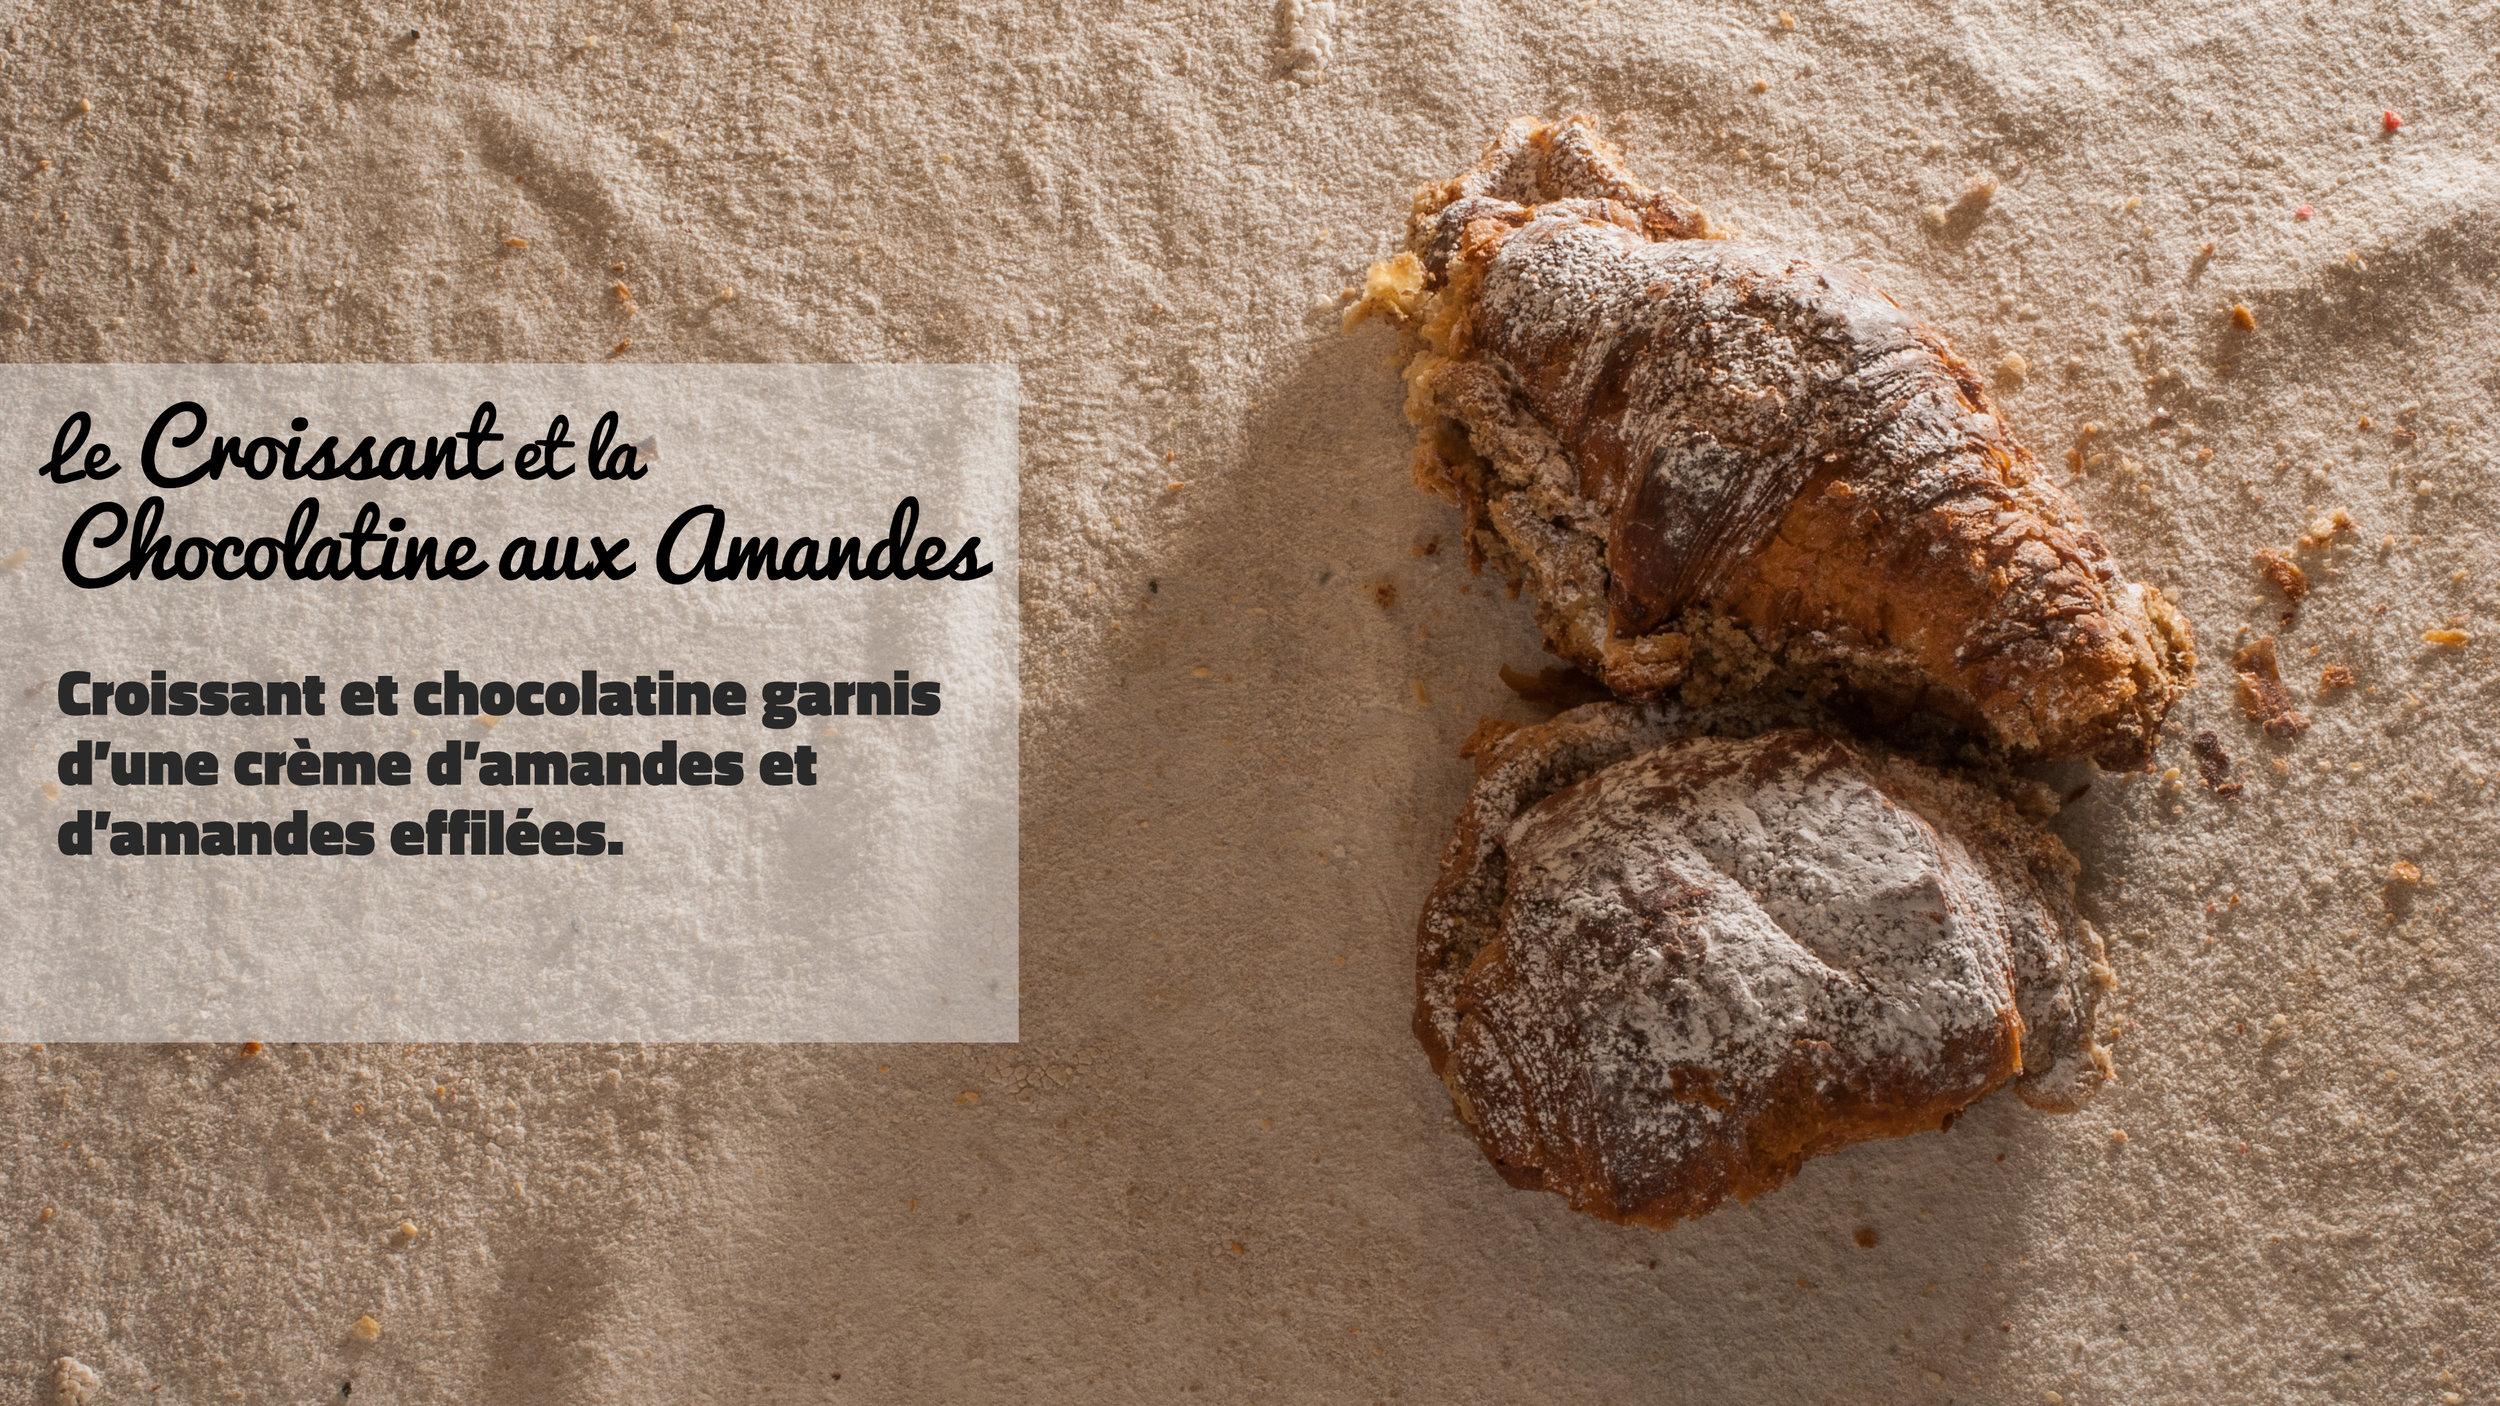 le Croissant et la Chocolatine aux Amandes